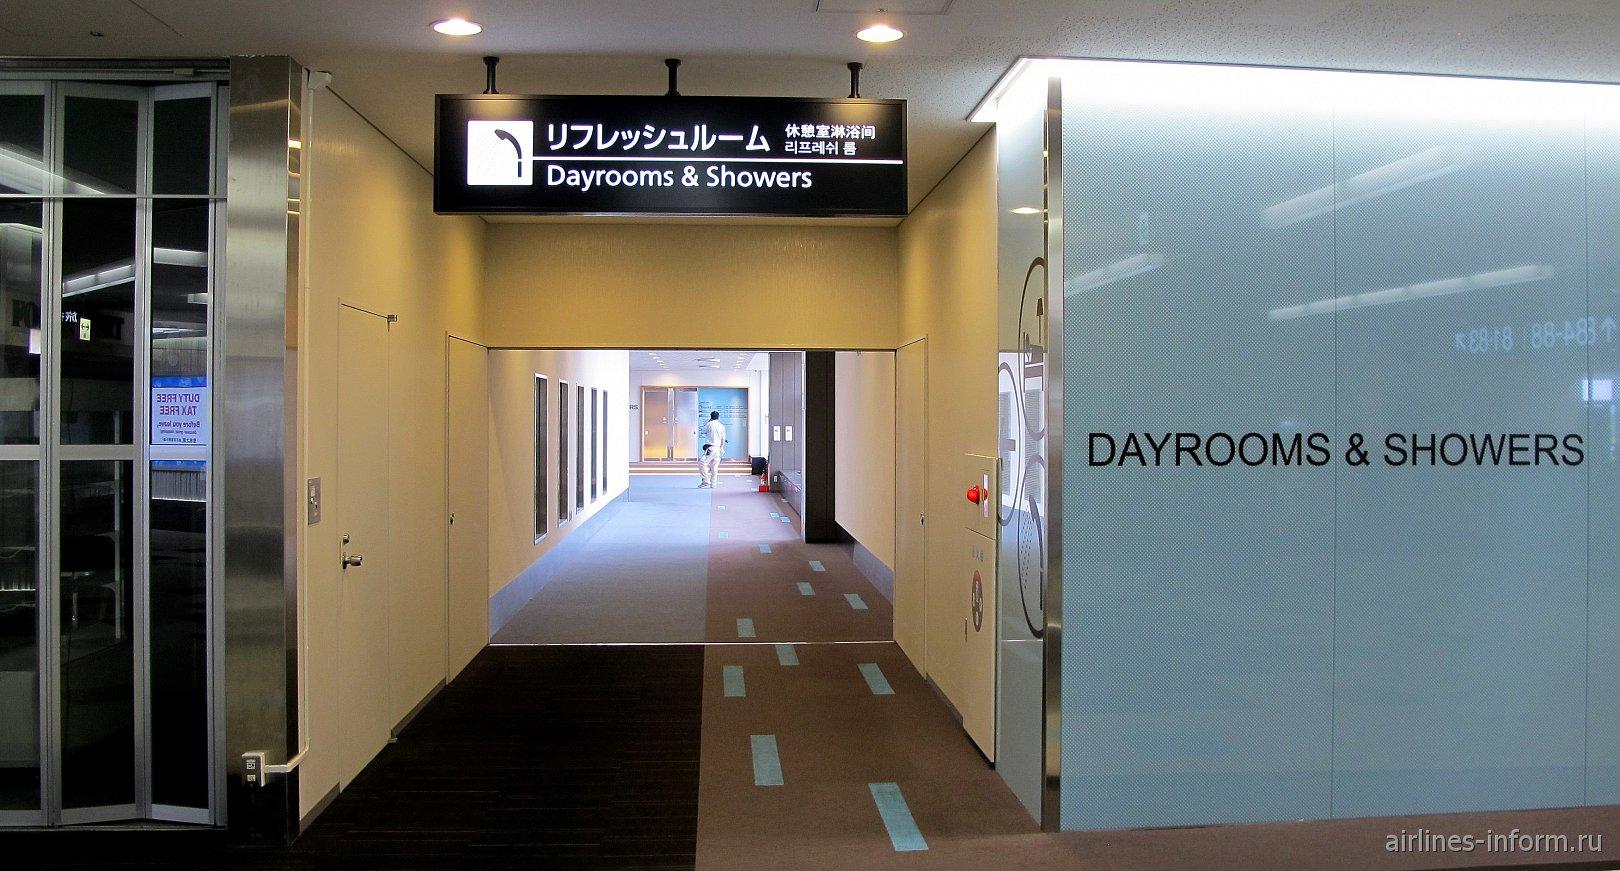 Комнаты отдыха для транзитных пассажиров в аэропорту Токио Нарита